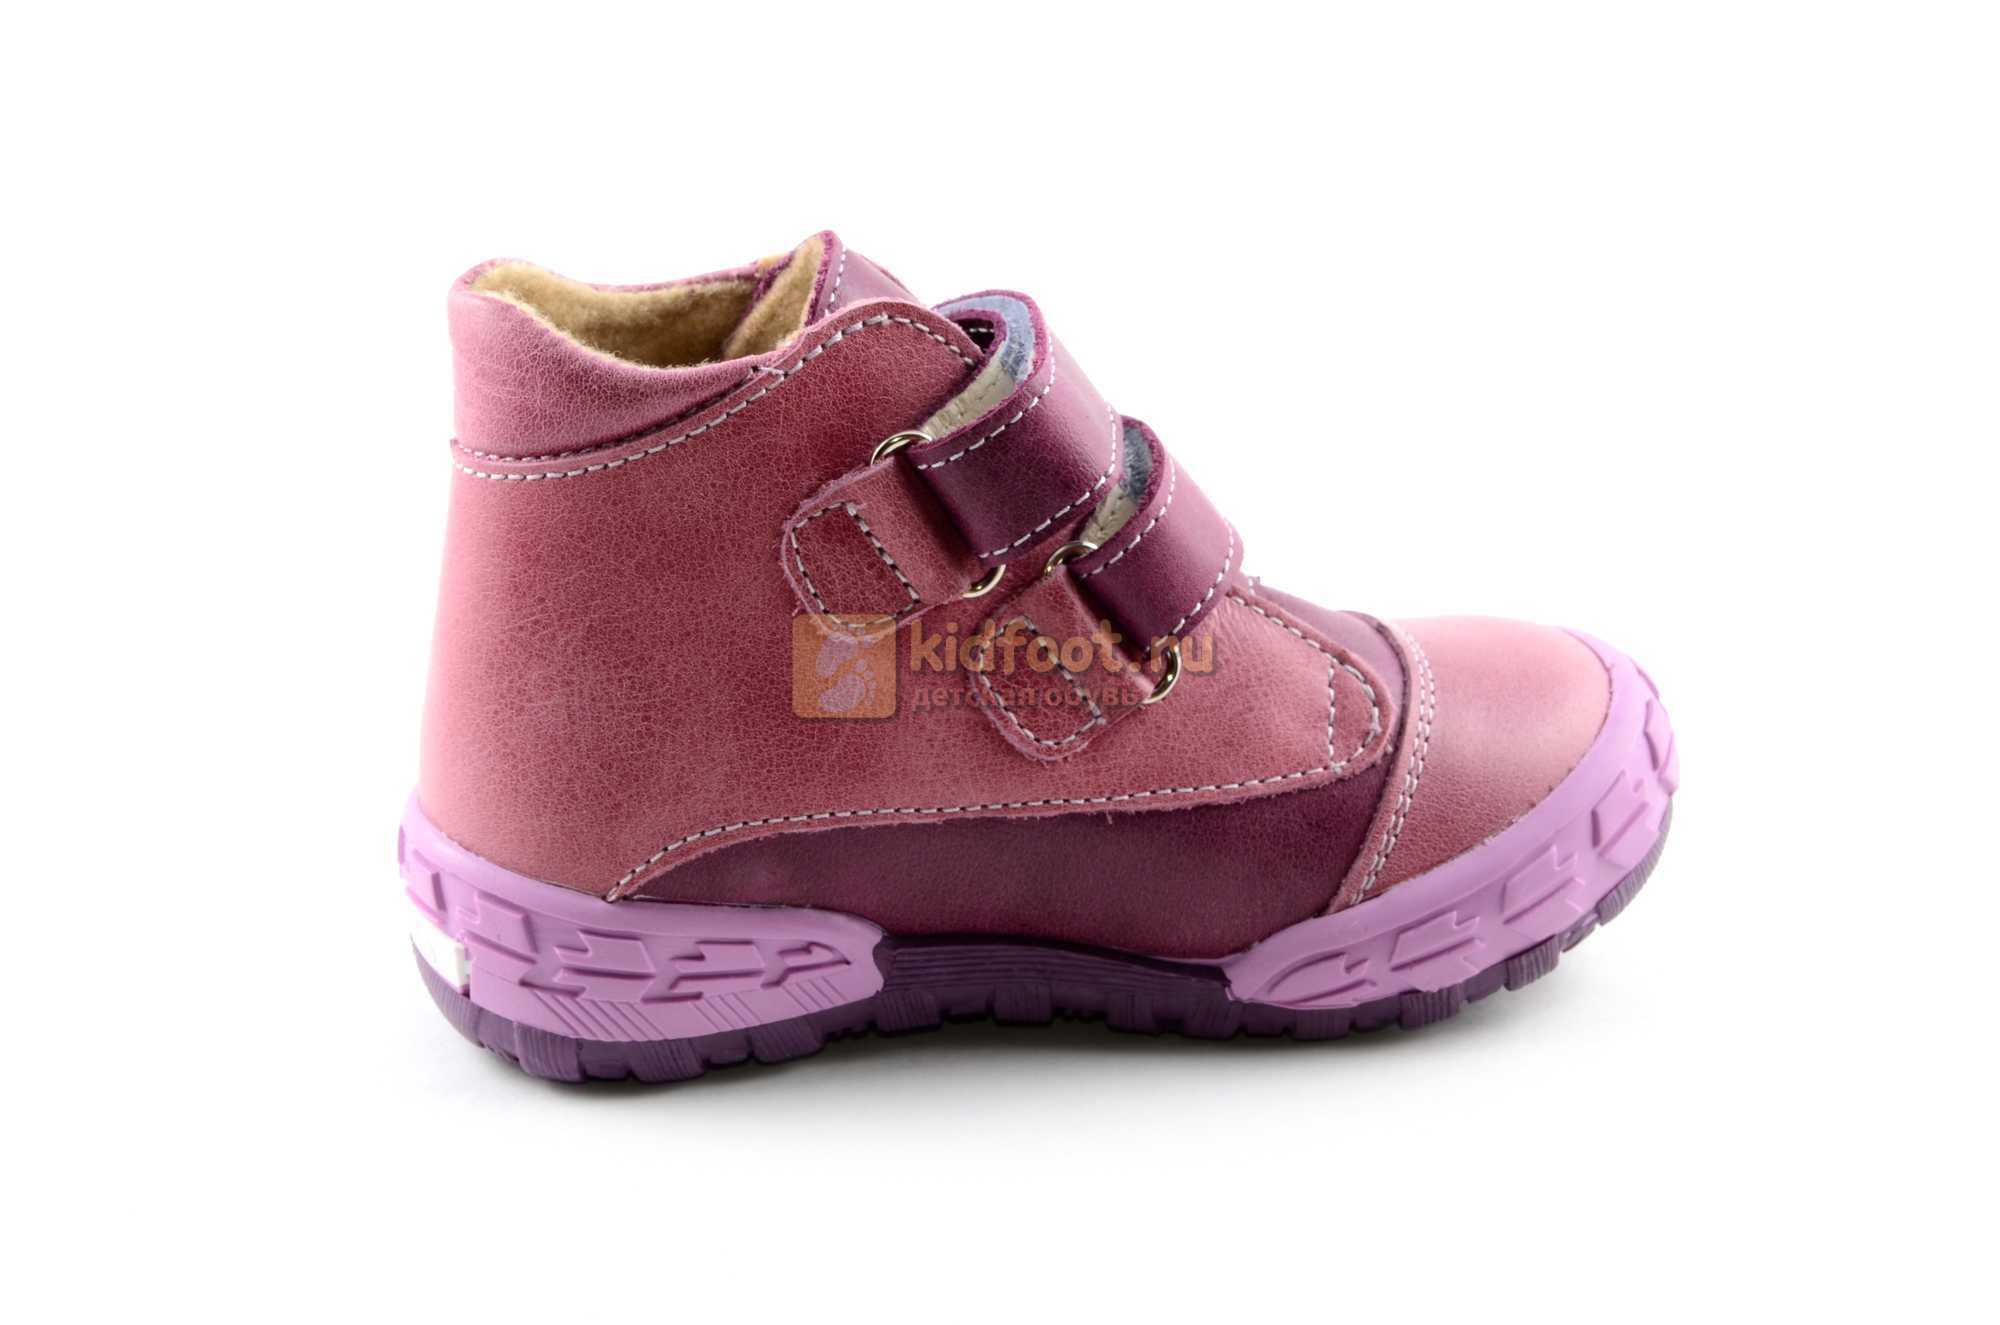 Ботинки Тотто из натуральной кожи на байке демисезонные для девочек, цвет фиолетовый